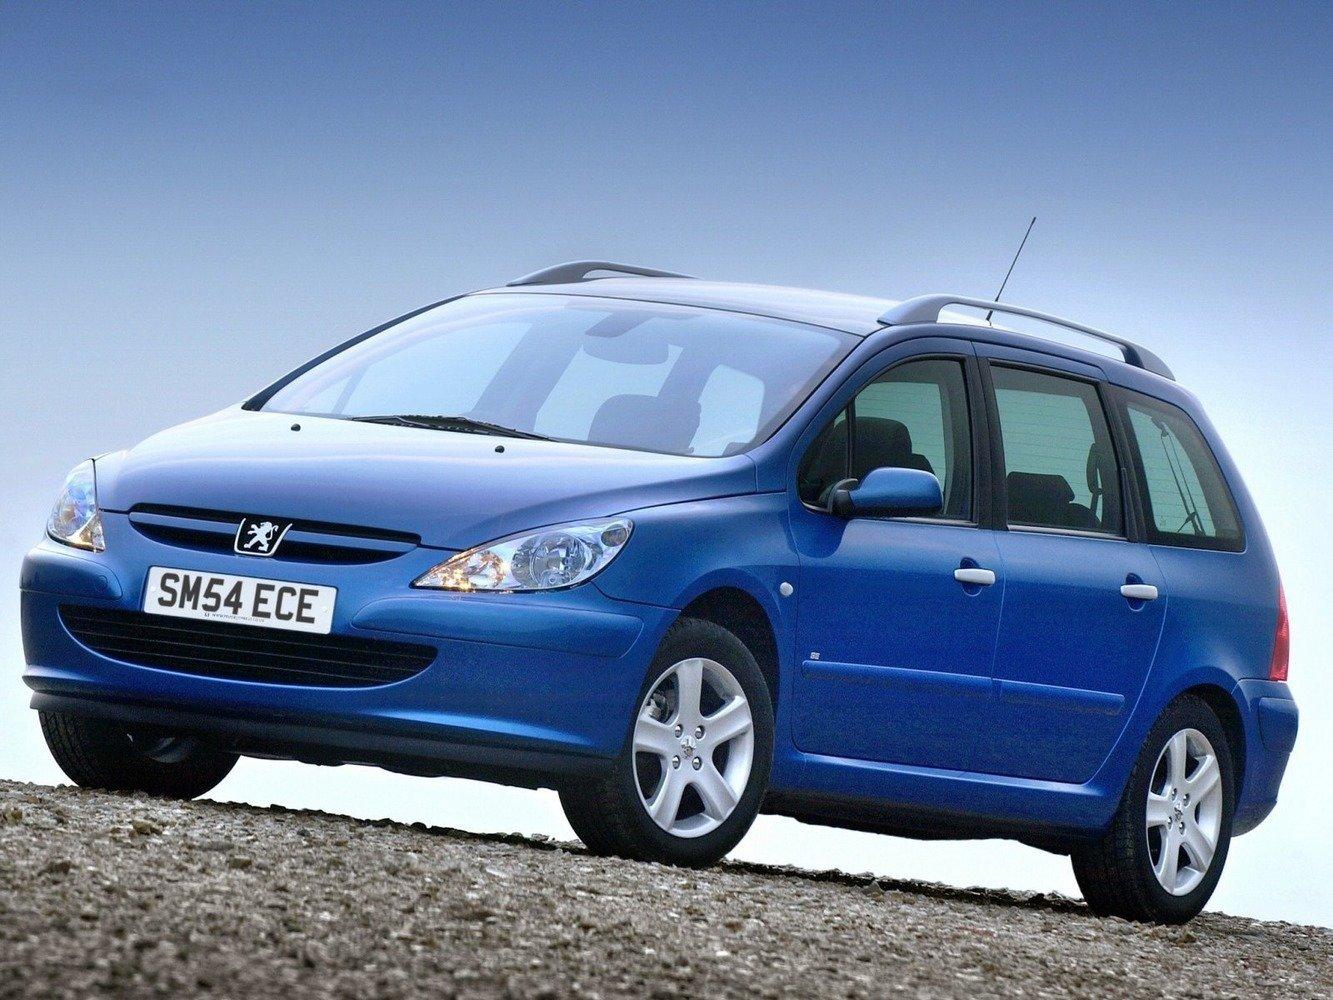 Peugeot 307 2.0i MM6LP 9655957280